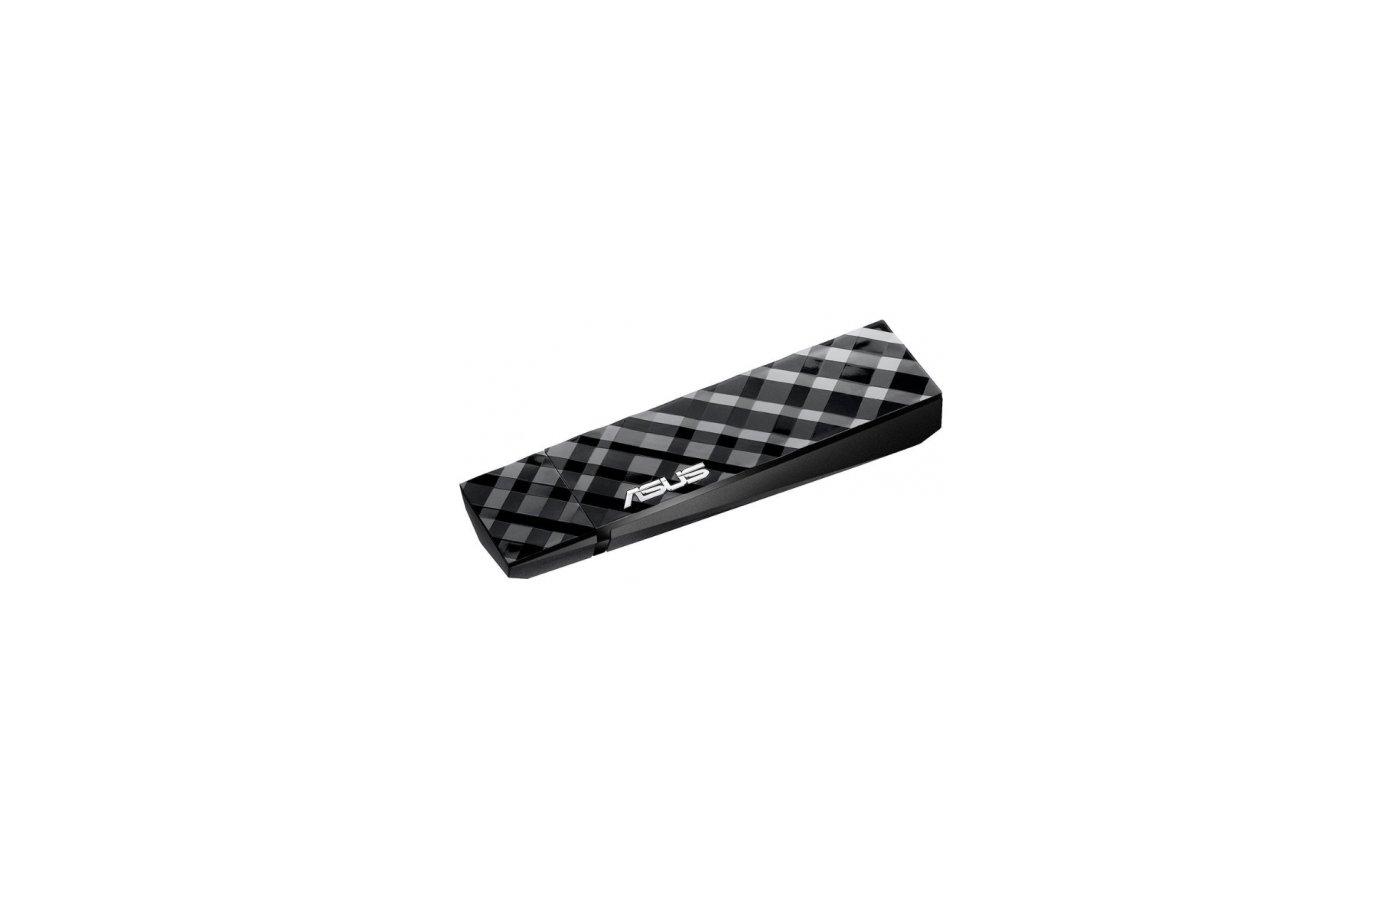 Сетевое оборудование Asus USB N53 USB 2.0 802.11n 300Mbps dual-band беспроводной адаптер